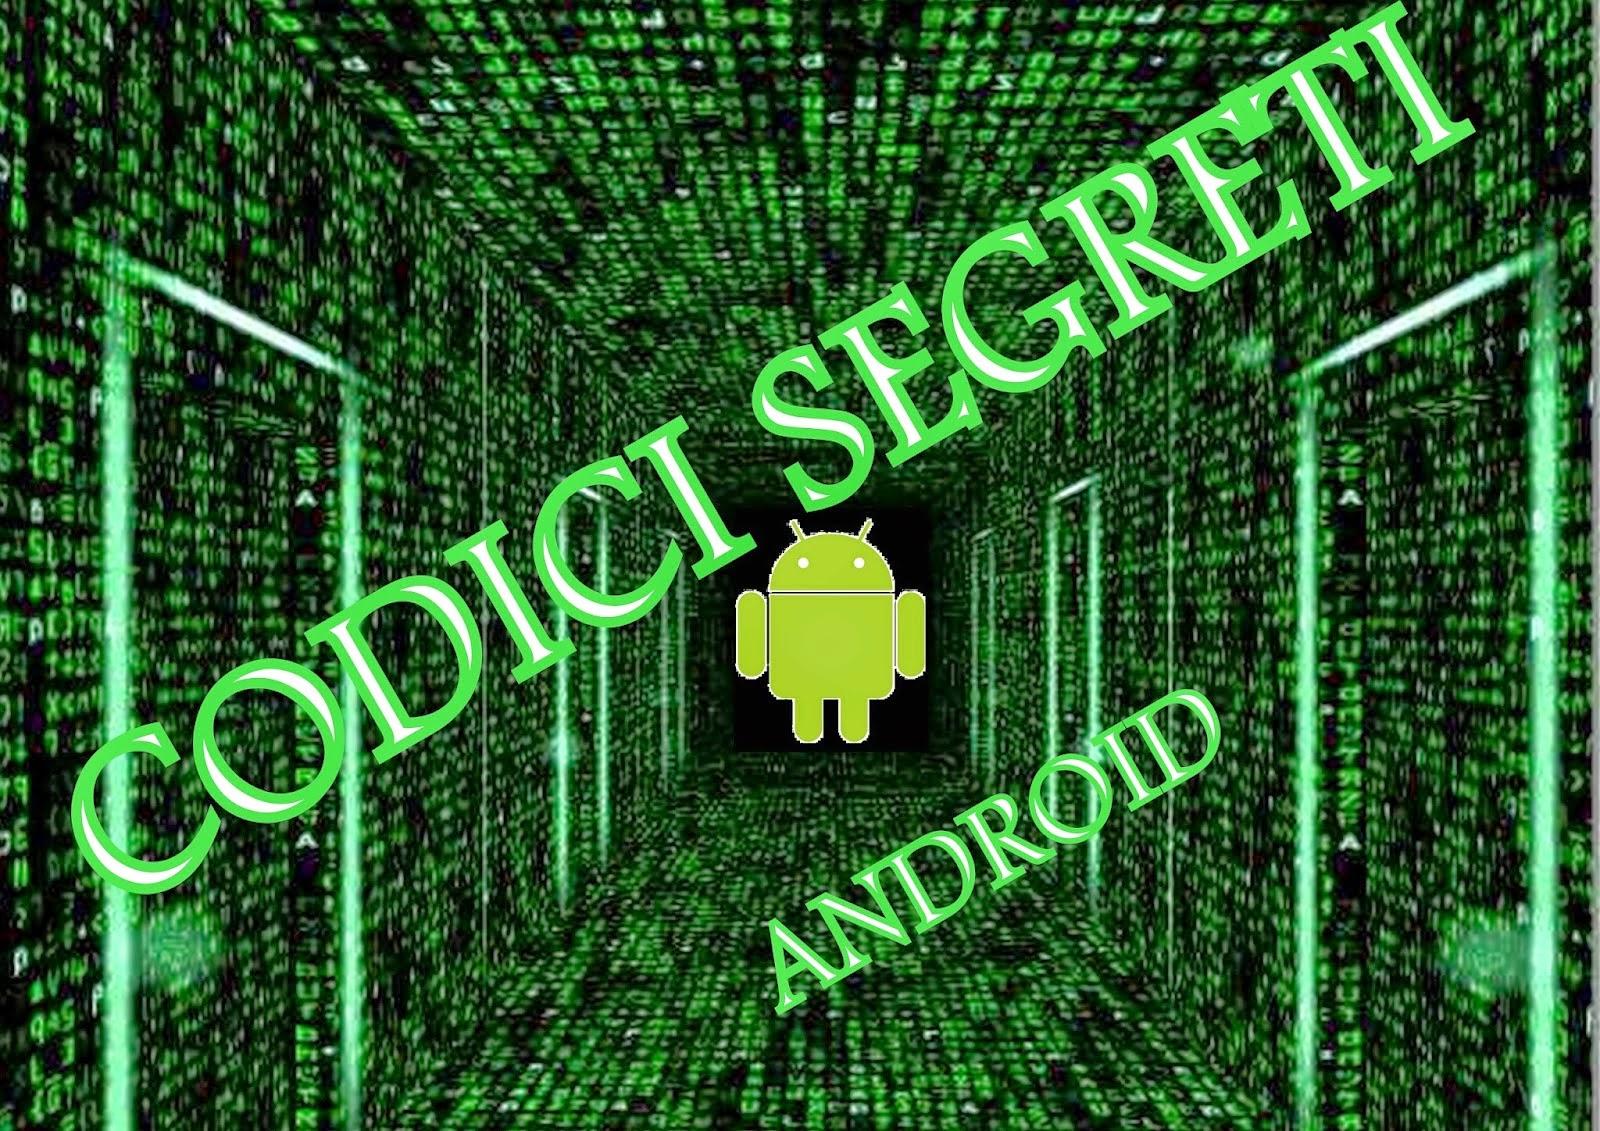 Codici Segreti per entrare nei menu nascosti di Android